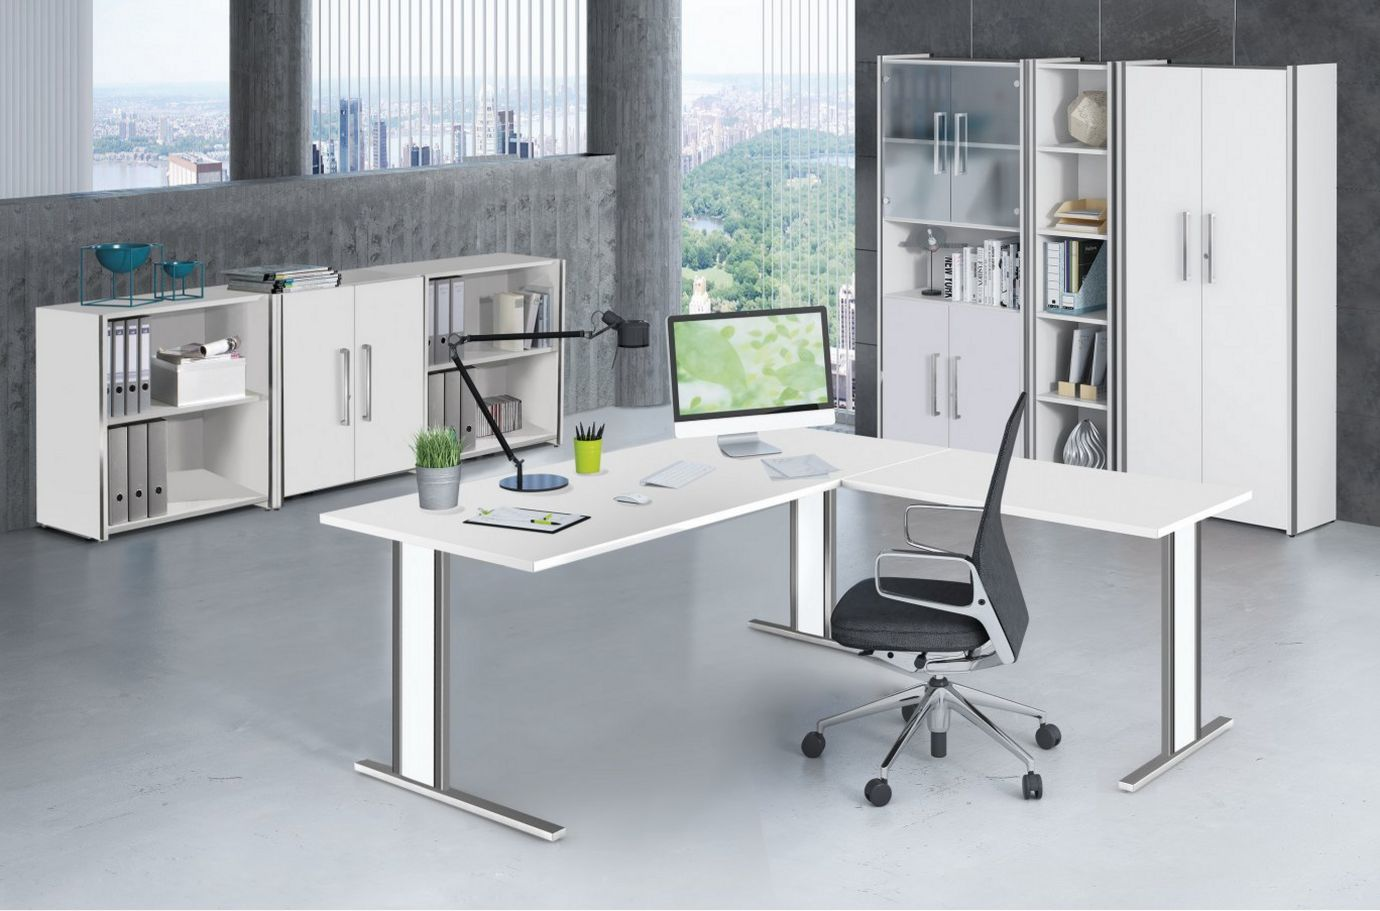 stilvolle Büroschränke mit Glastüren